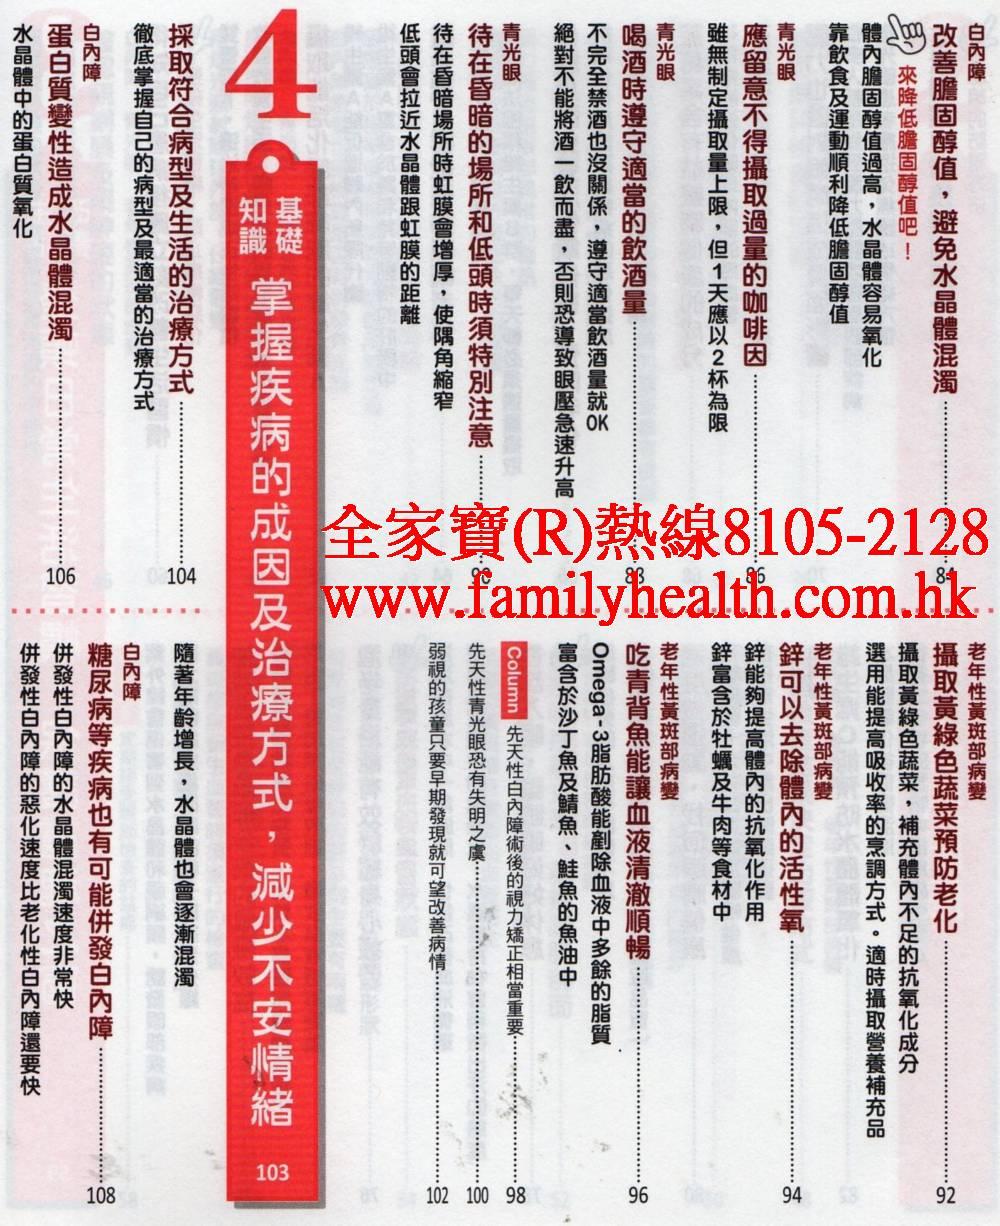 http://www.familyhealth.com.hk/files/full/1008_4.jpg